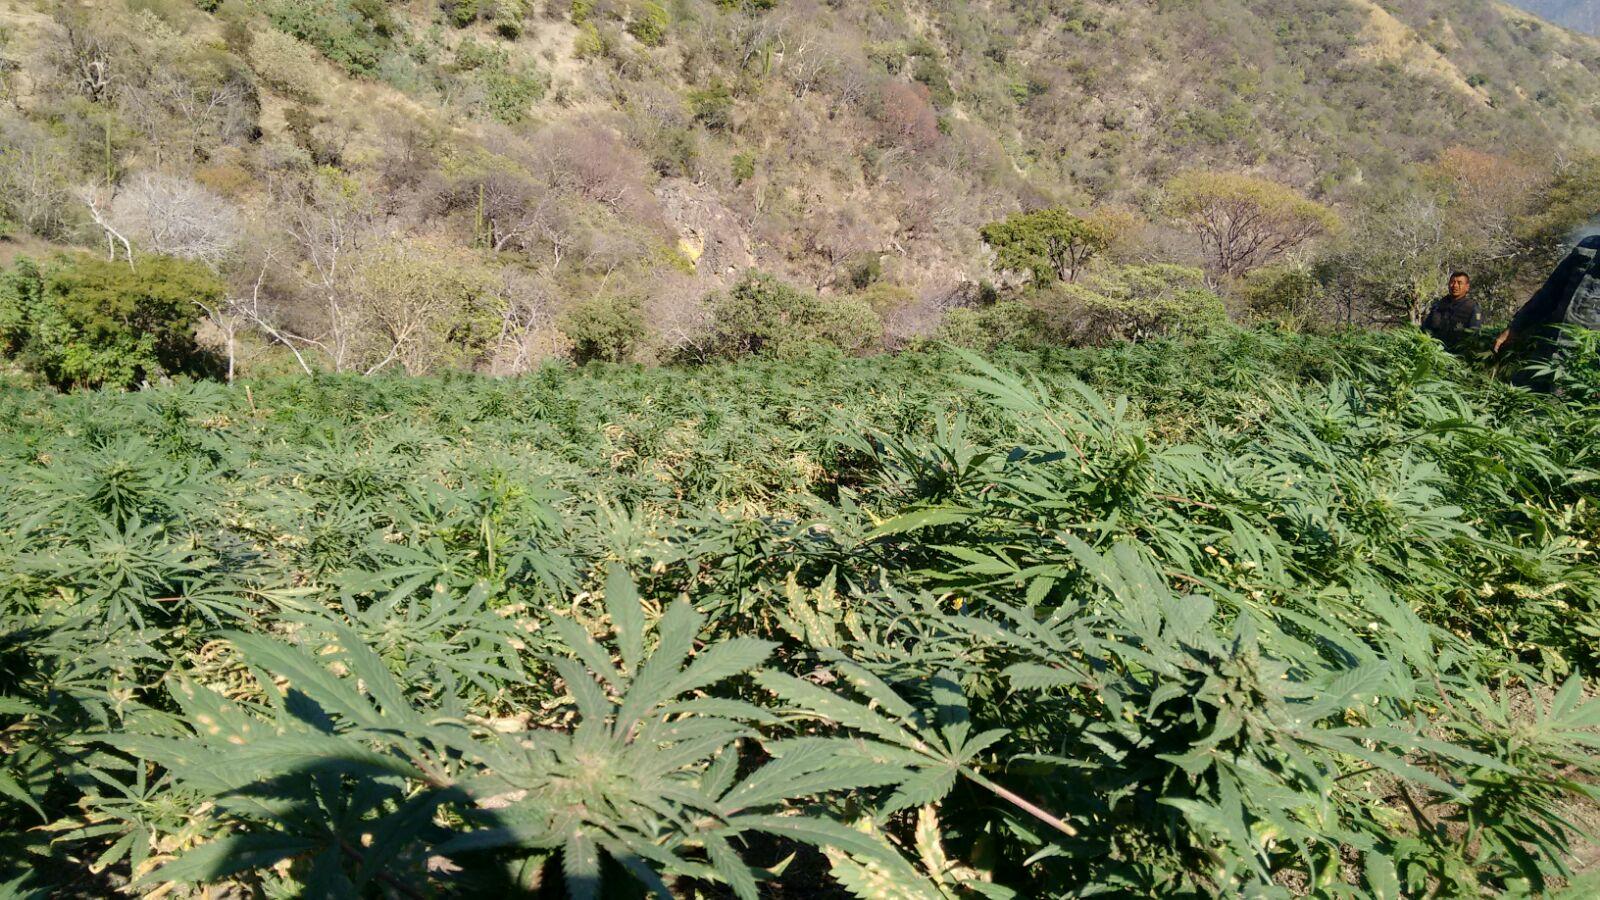 PGR destruyó 47 plantíos de mariguana y amapola en el mes de enero en Nayarit.